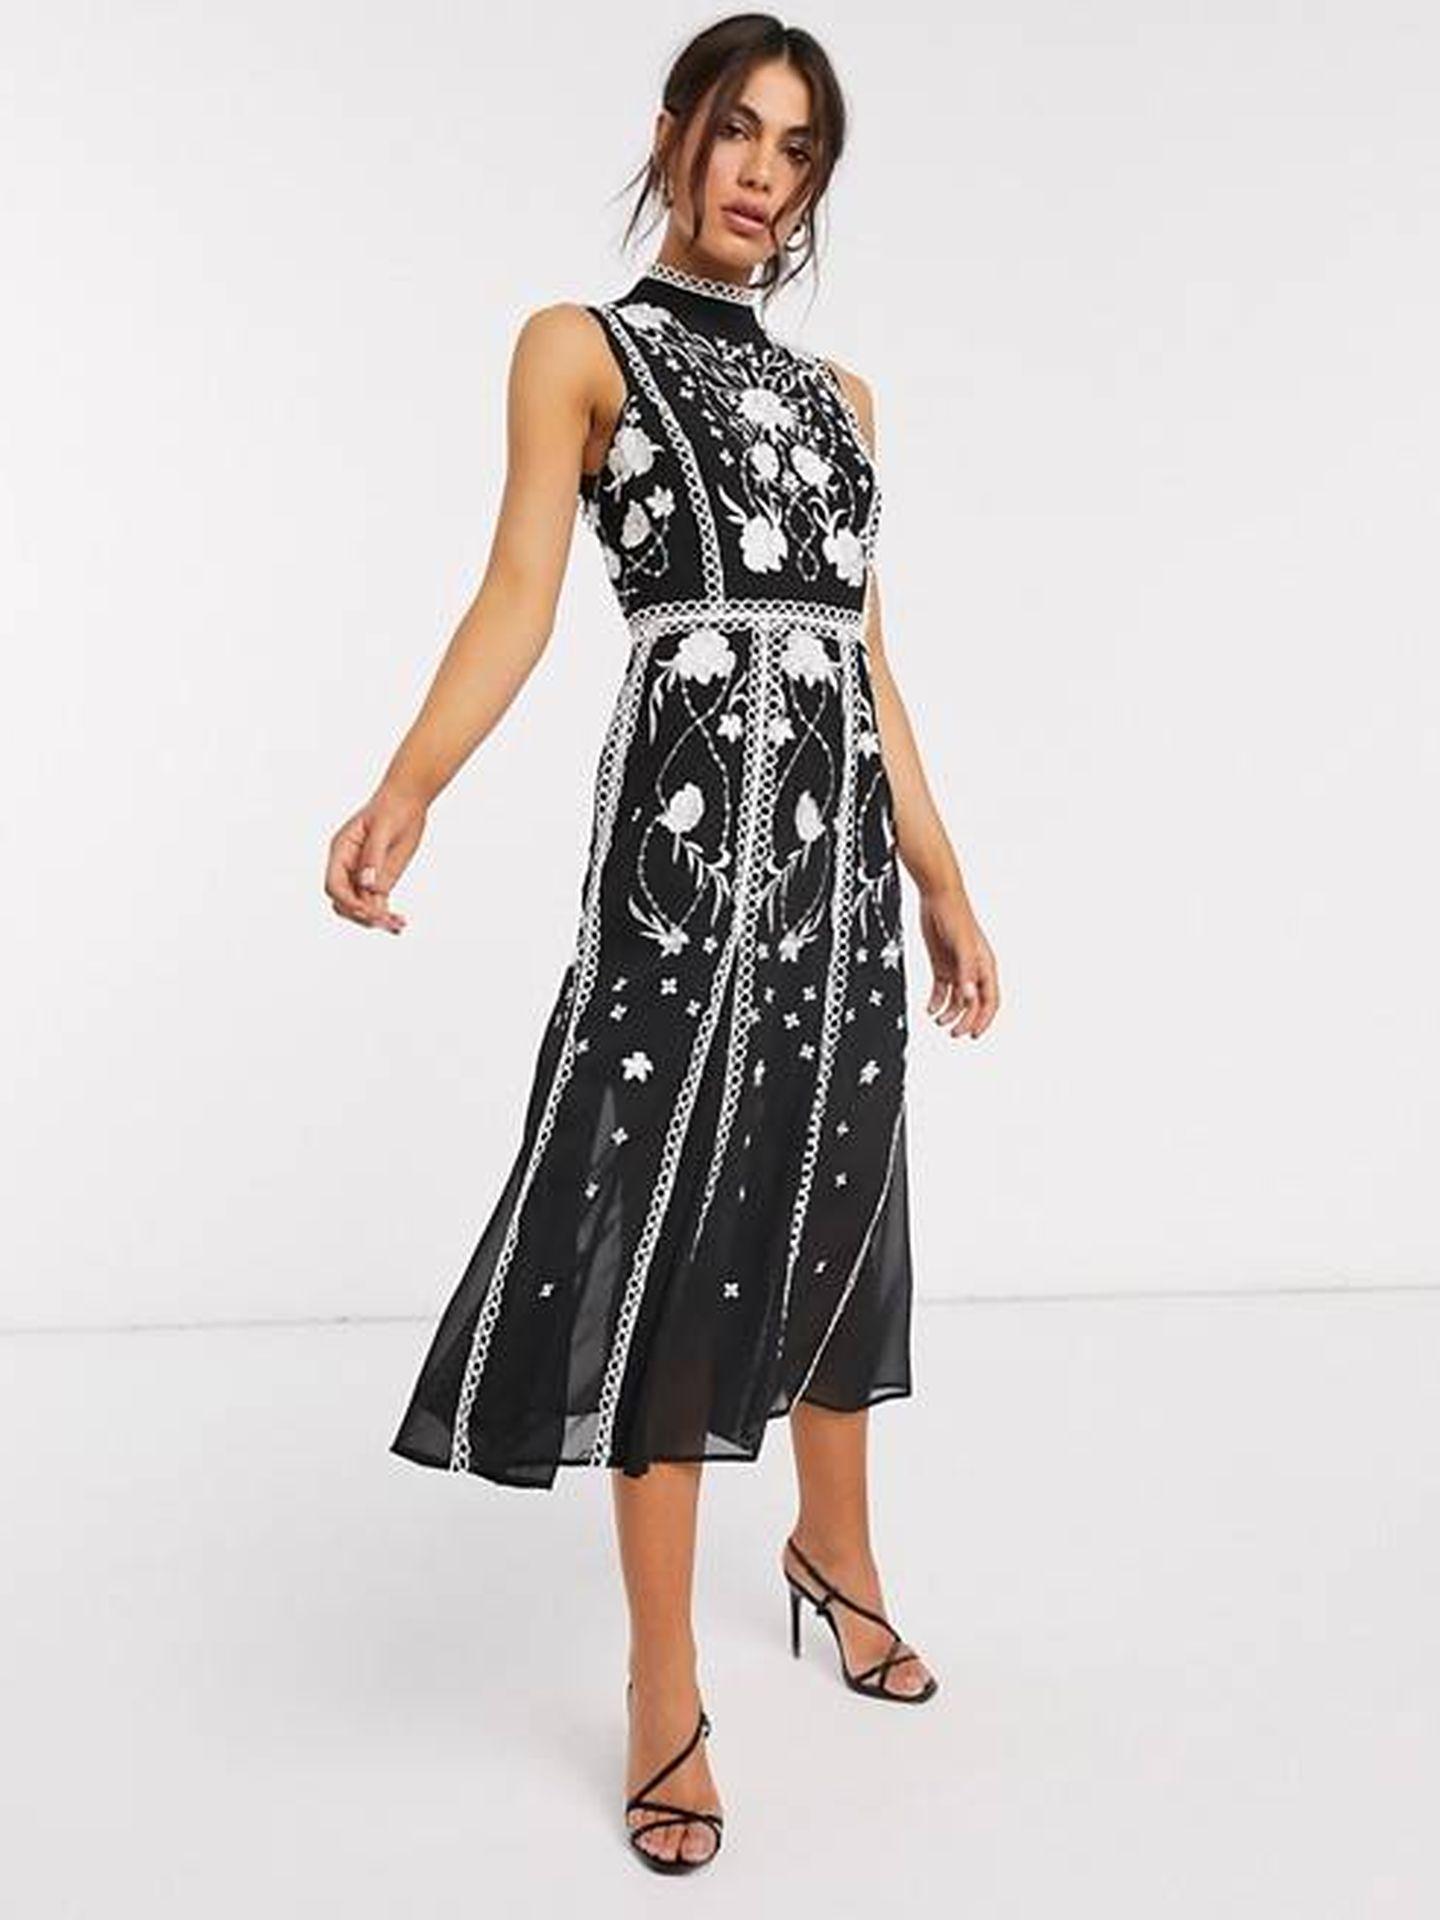 Apuesta por el blanco y negro con este vestido. (Cortesía)